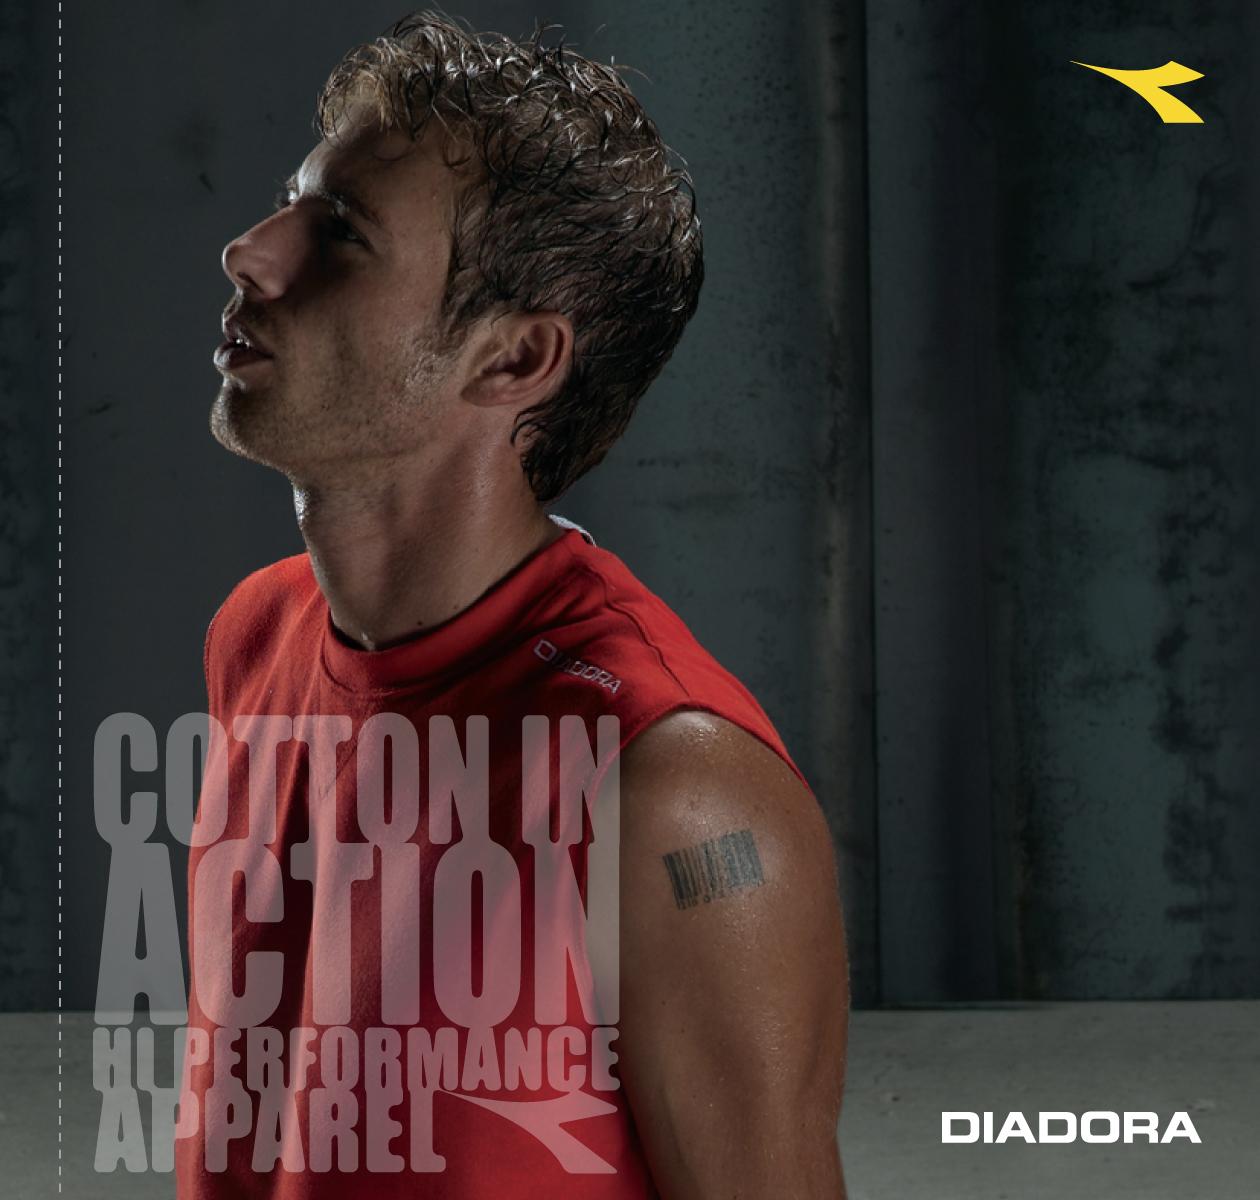 Catalogo Cotton in Action Diadora